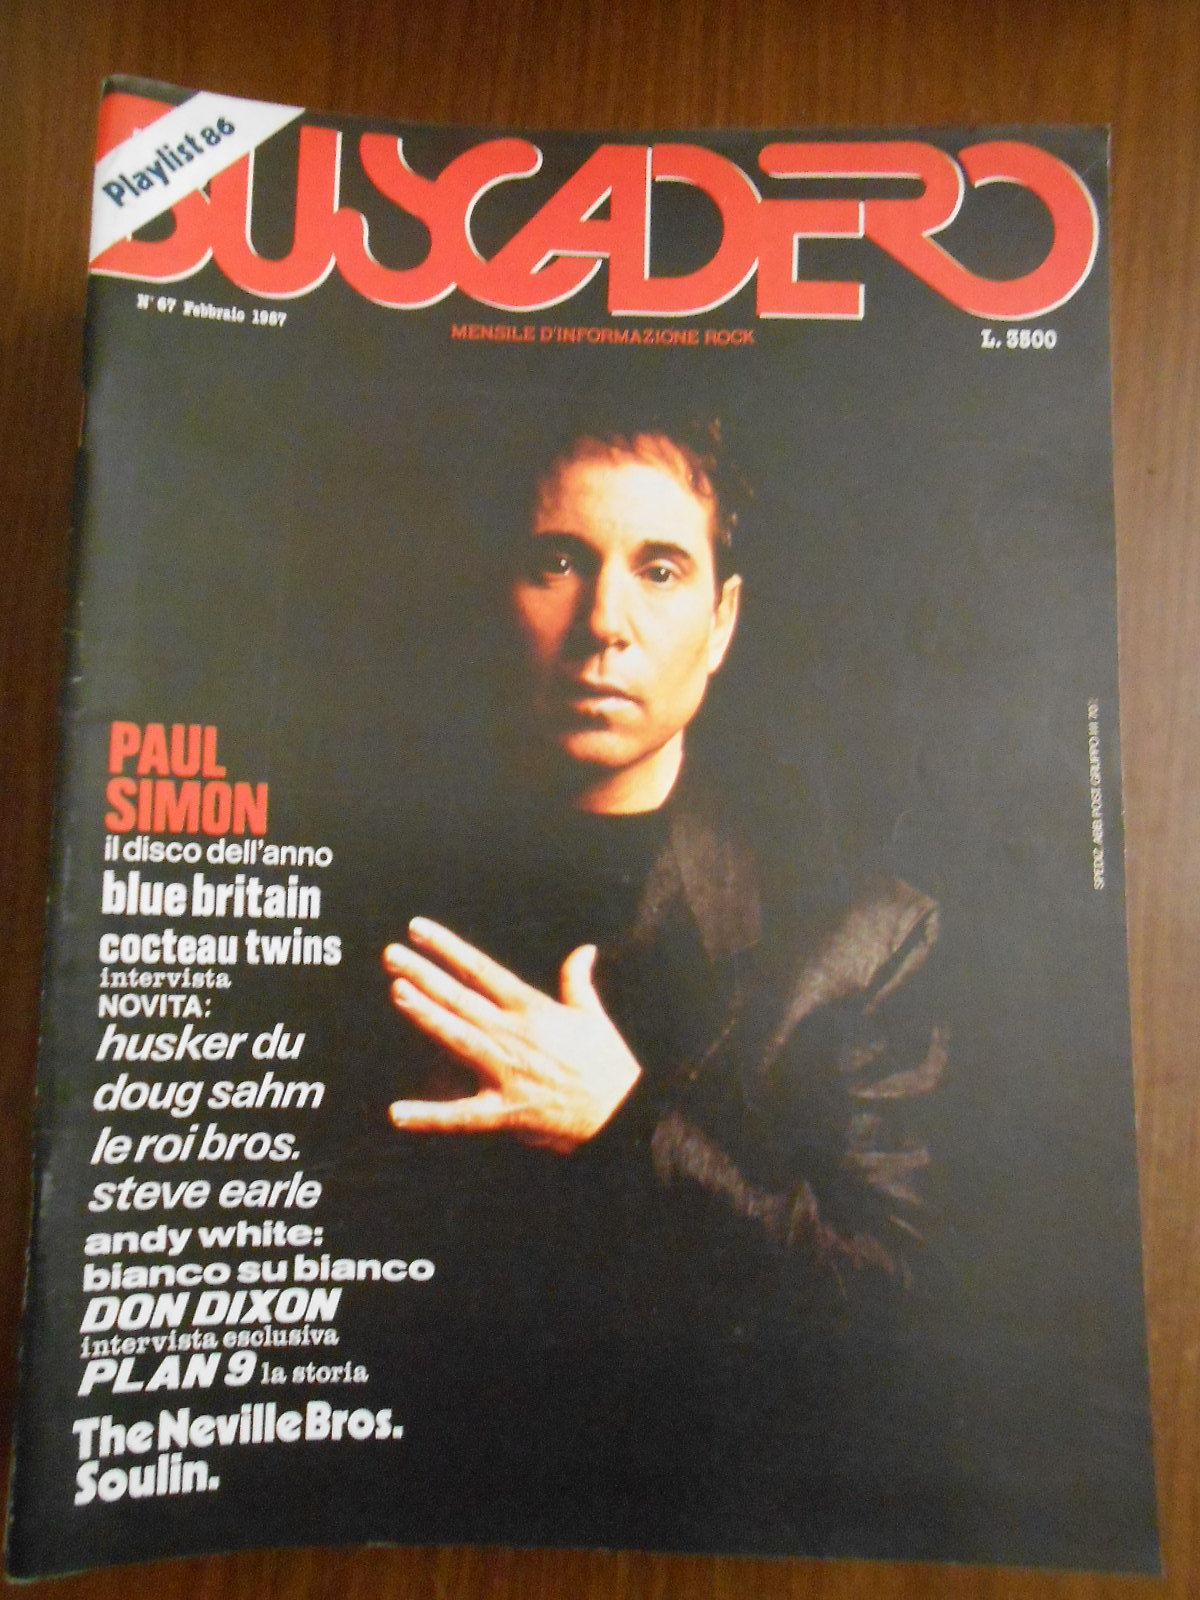 Buscadero n. 67 (febbraio 1987)